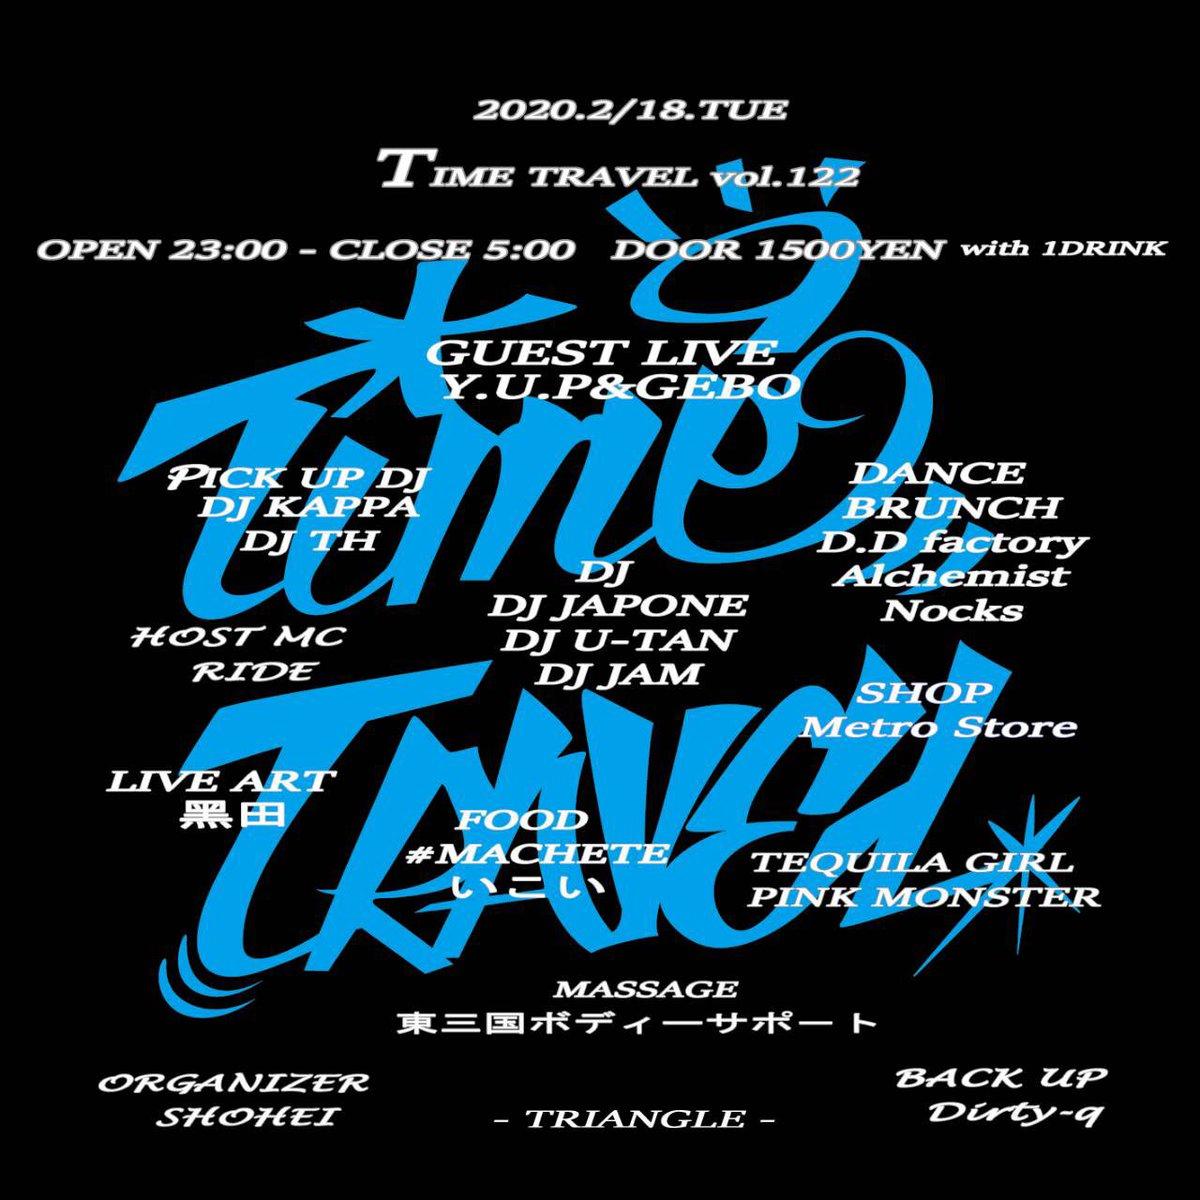 """Tomorrow🔥2020.2.18.(tue)""""TIME TRAVEL"""" vol.122@ TRIANGLEOPEN 23:00CLOSE 5:00ADM 1500yen/1DGUEST LIVE:Y.U.P & GEBOPICK UP DJ:DJ KAPPADJ THDJ:DJ JAPONEDJ U-TANDJ JAMHOST MC:RIDEDANCE:BRUNCHD.D factoryAlchemistNocksLIVE ART:黑田FOOD:#MACHETEいこい"""